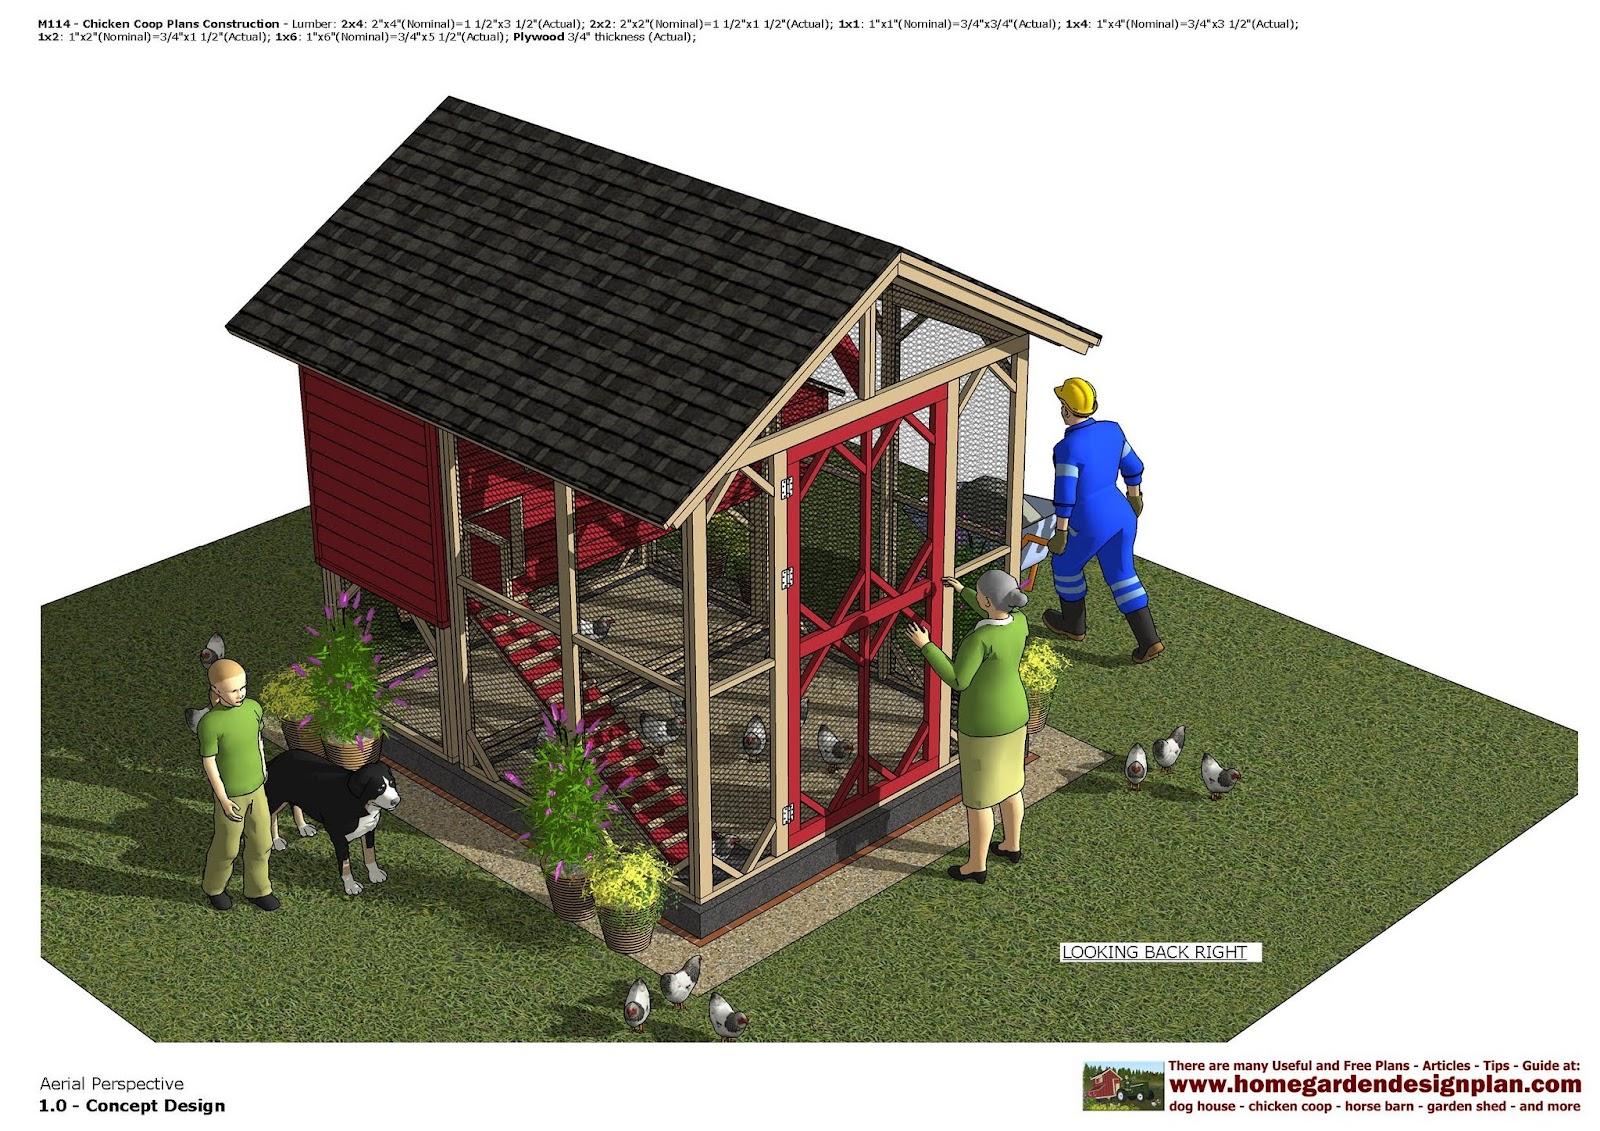 Home garden plans m114 chicken coop plans construction for Chicken coop designs for 3 chickens